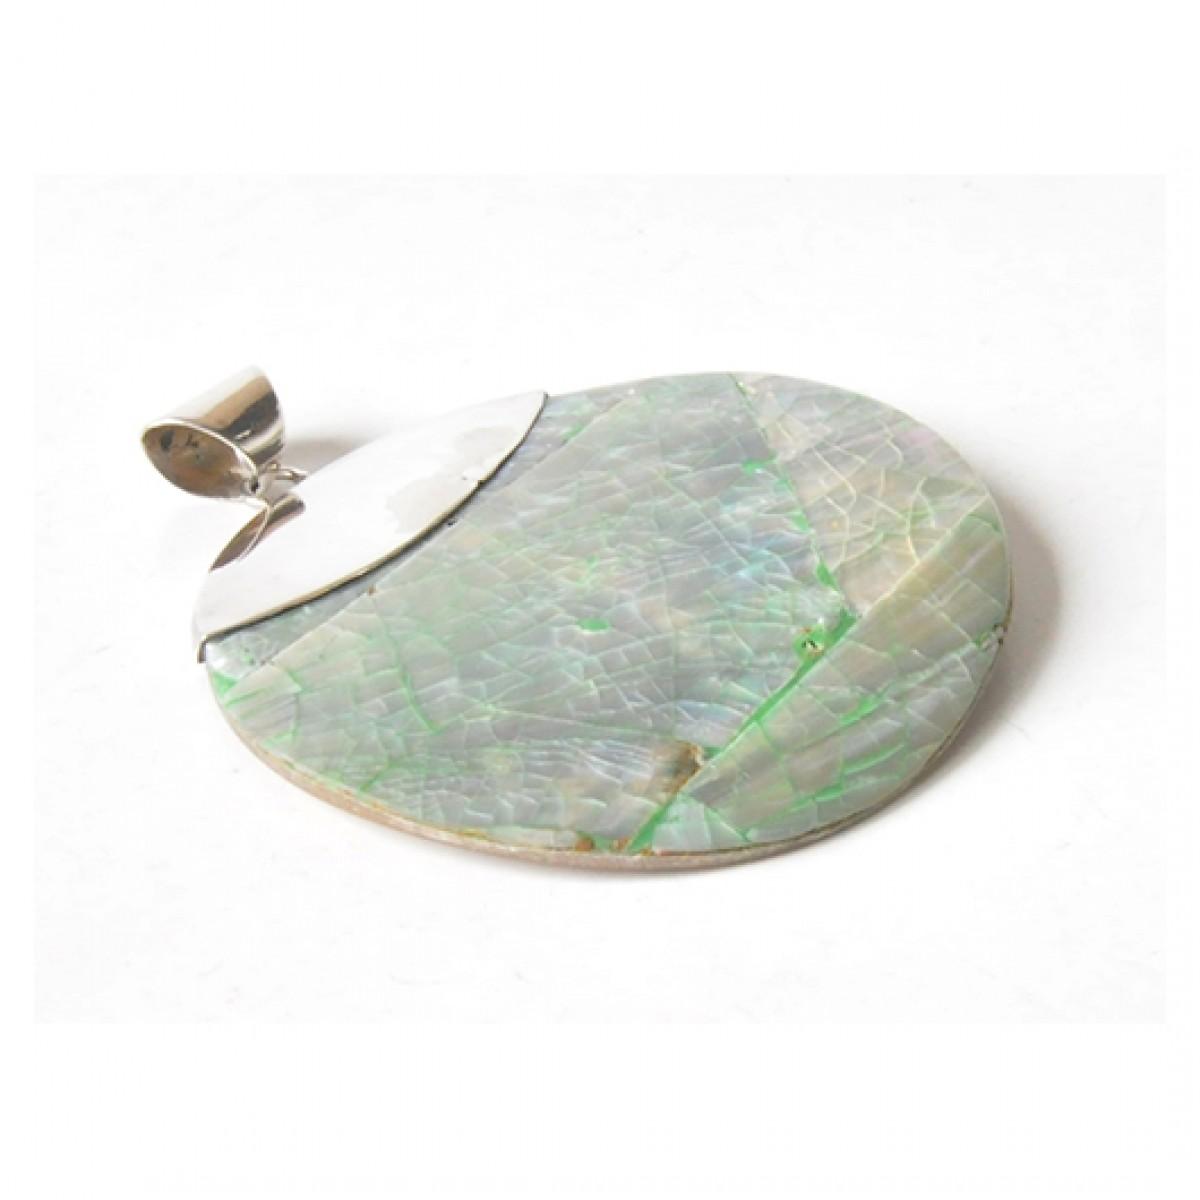 80 duży, srebrny wisiorek; muszla oprawiona w srebro; przywieziony z wyspy Bali